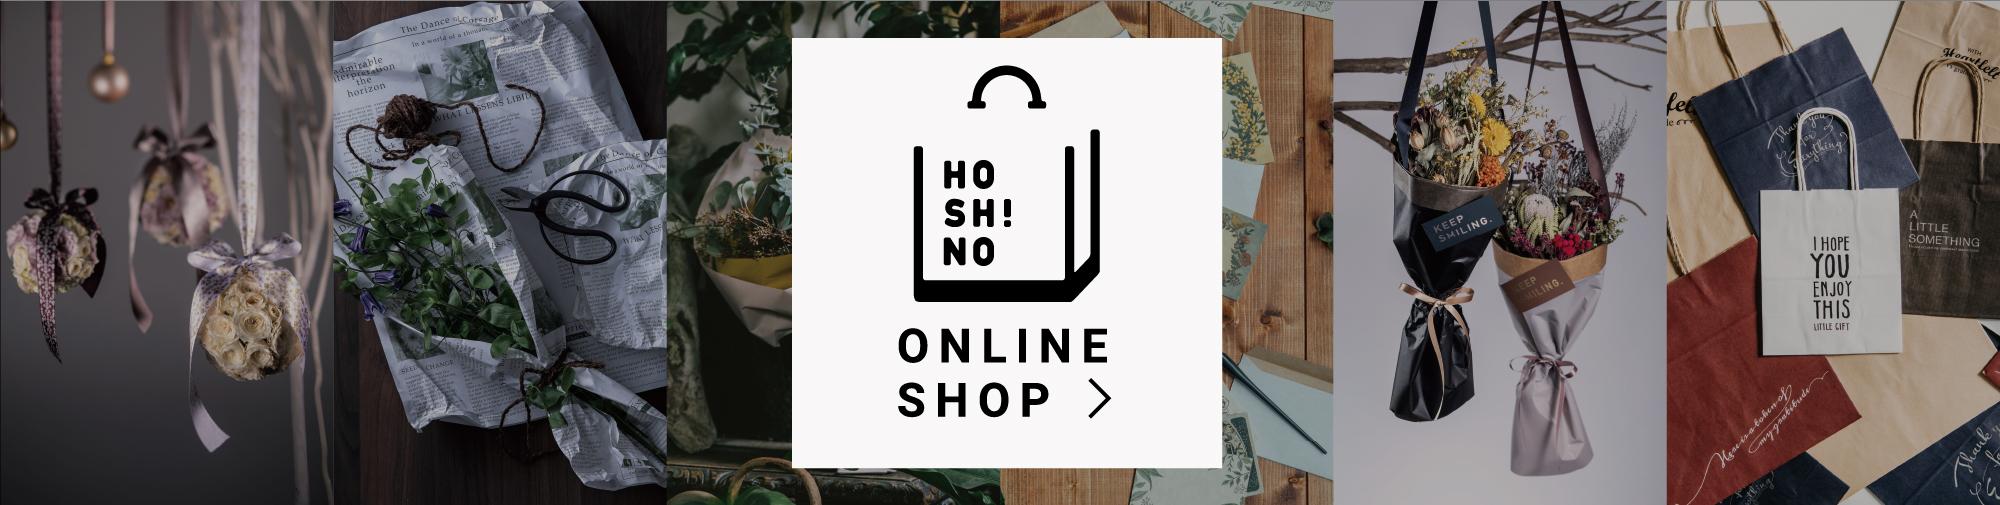 HOSHINO ONLINE SHOP